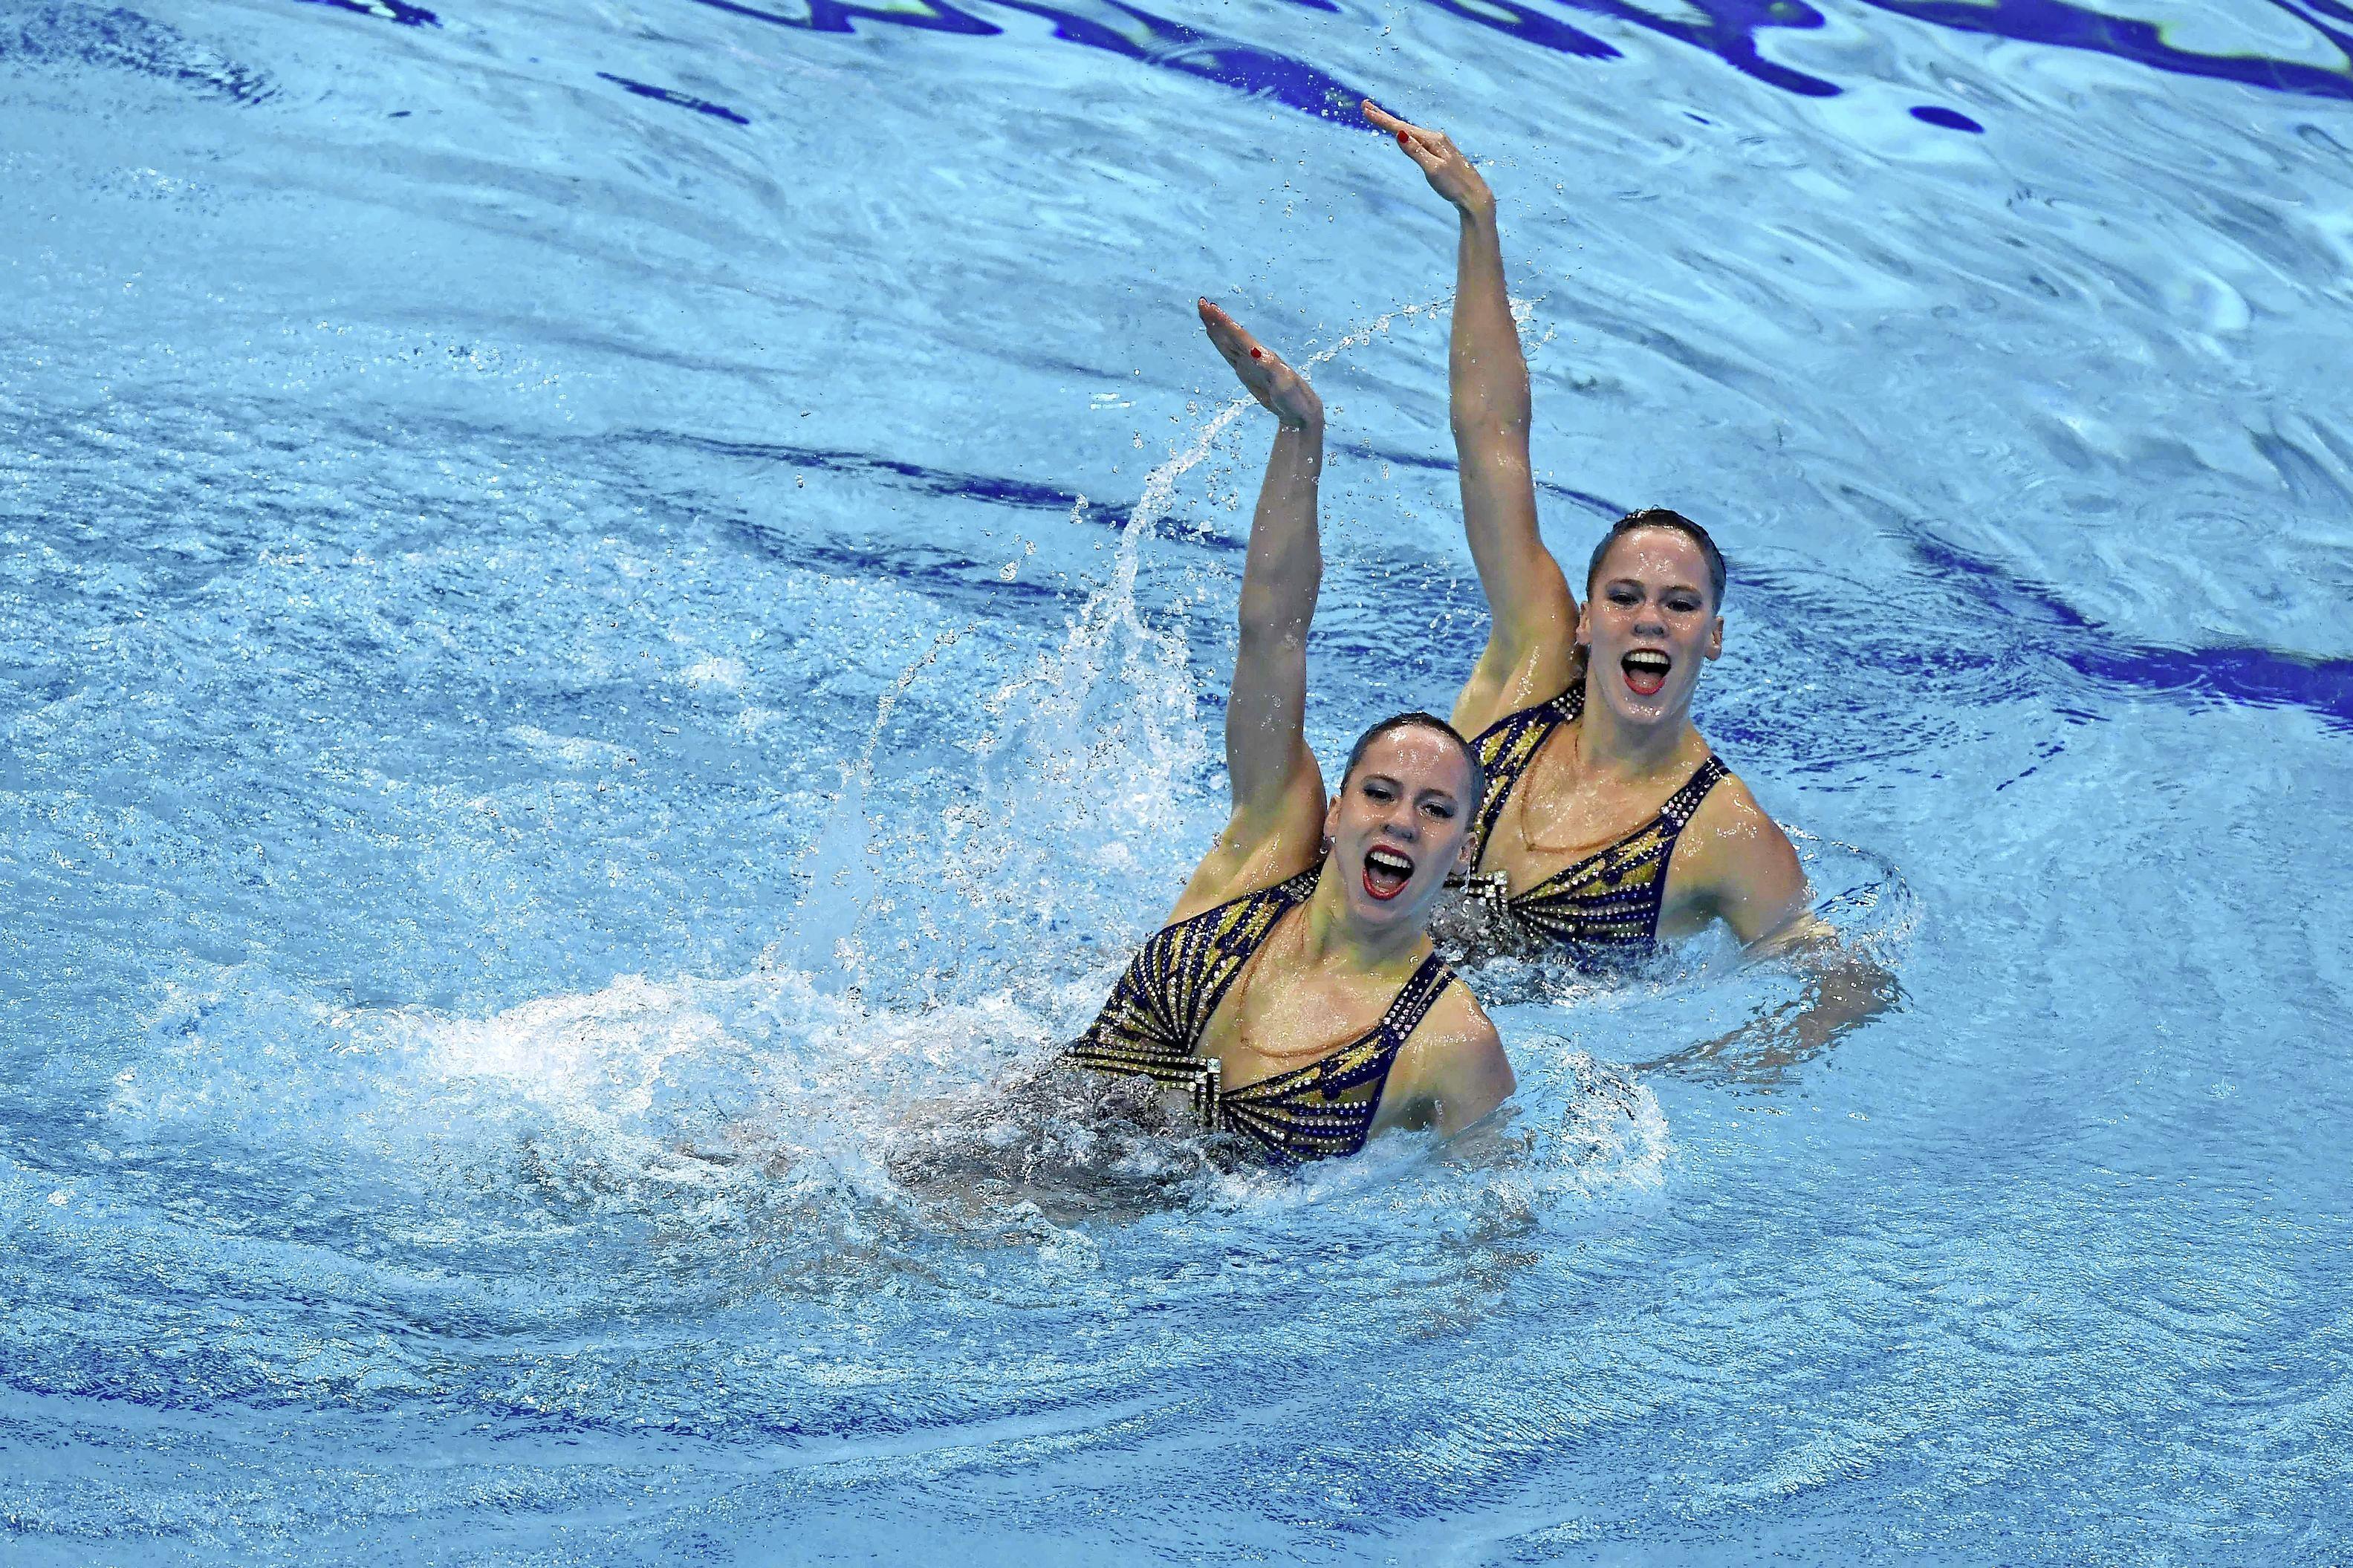 Synchroonzwemsters De Brouwer uit Hoofddorp met persoonlijk record naar finale